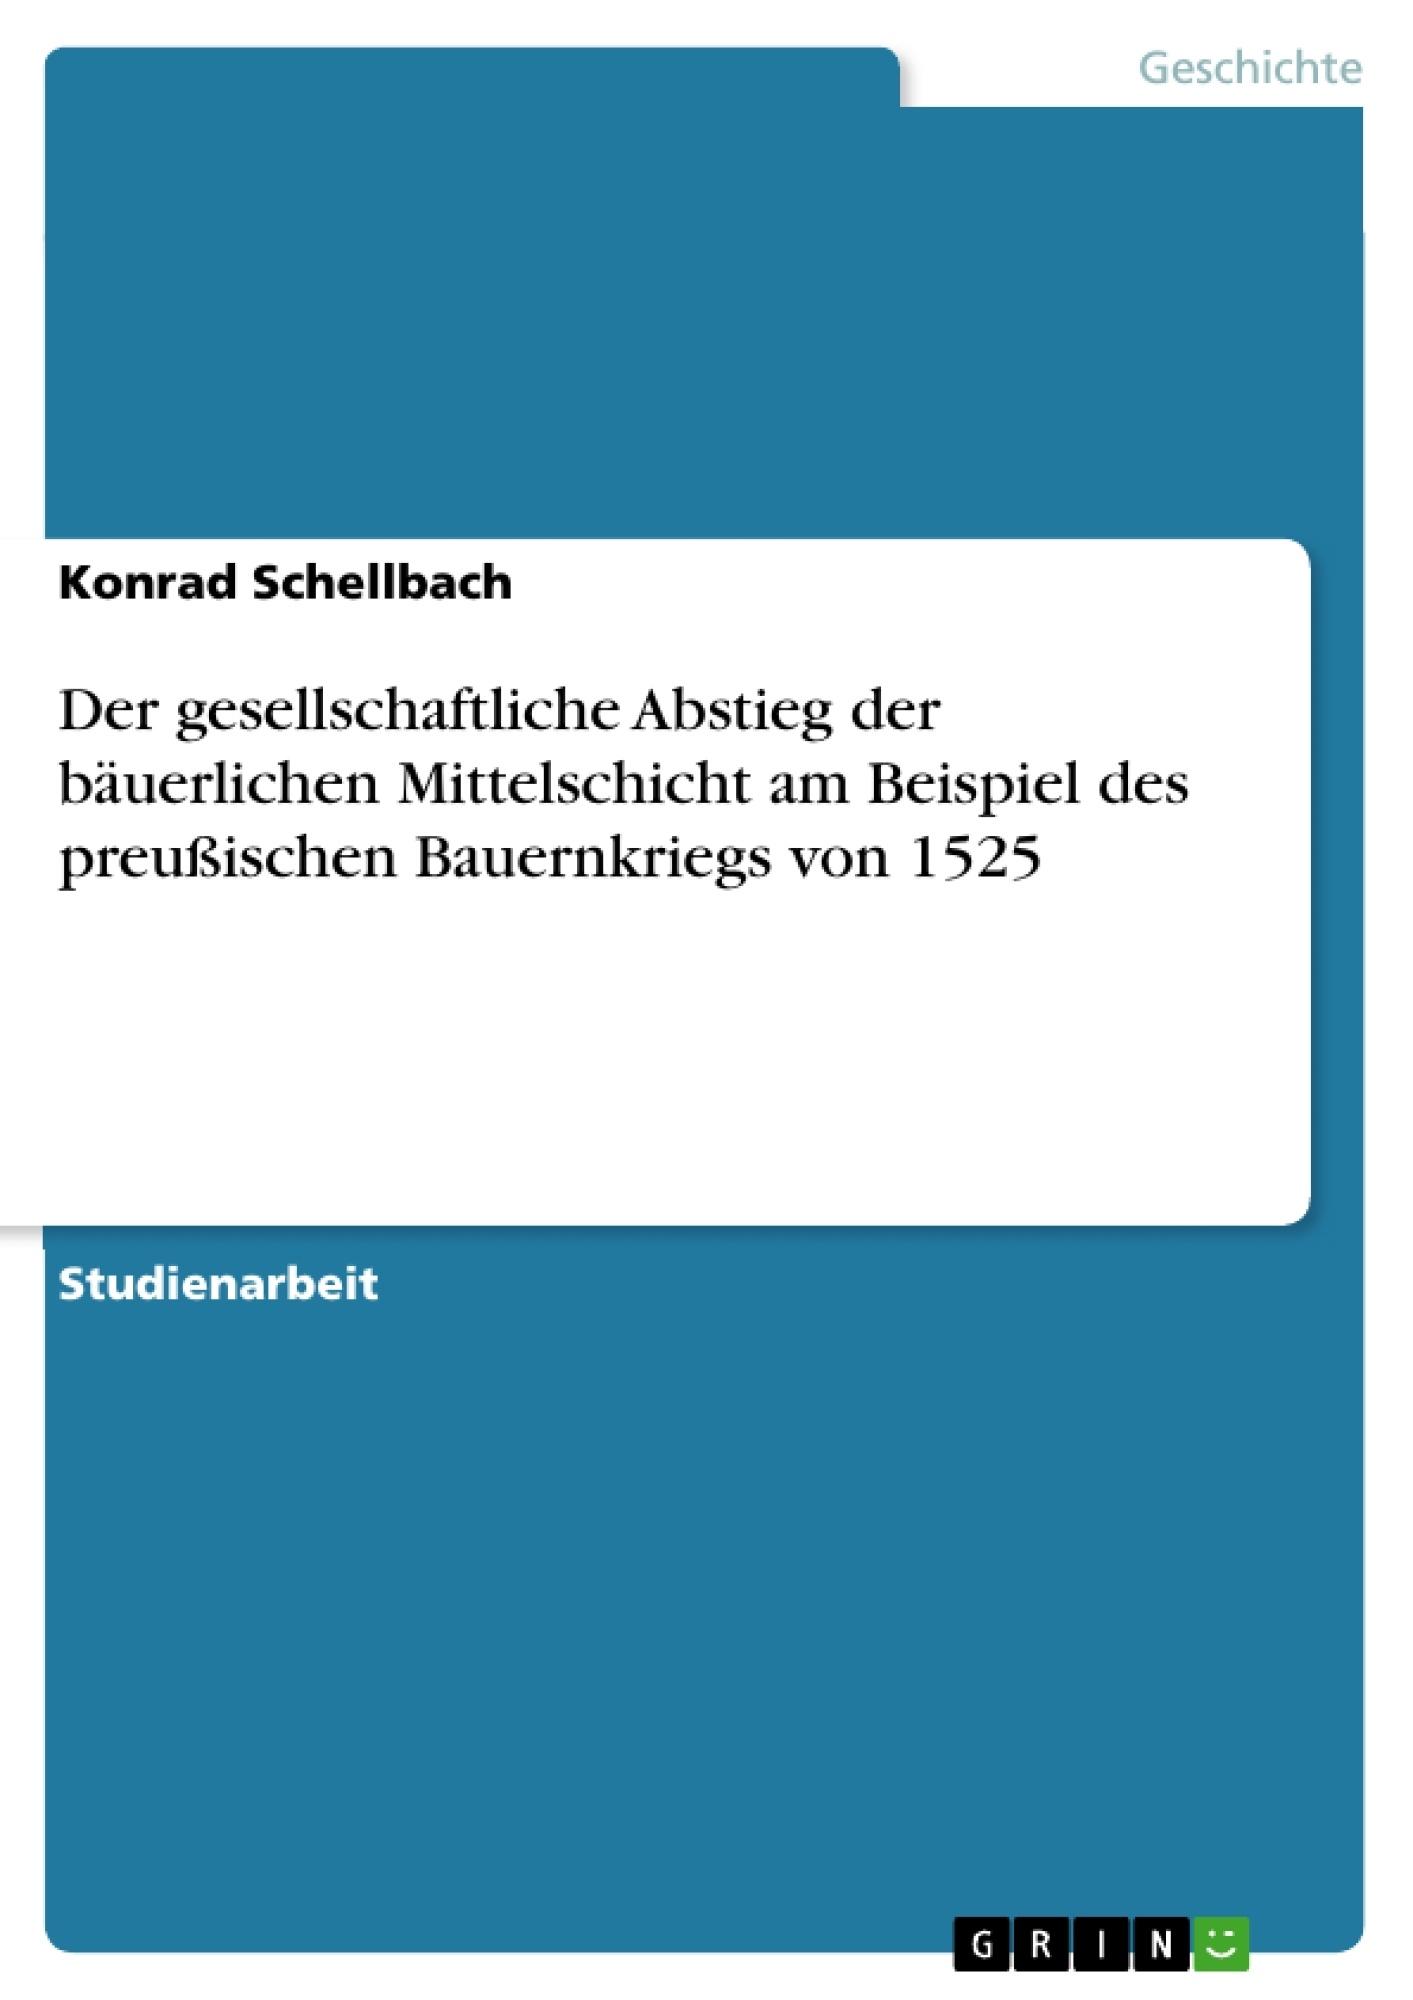 Titel: Der gesellschaftliche Abstieg der bäuerlichen Mittelschicht am Beispiel des preußischen Bauernkriegs von 1525